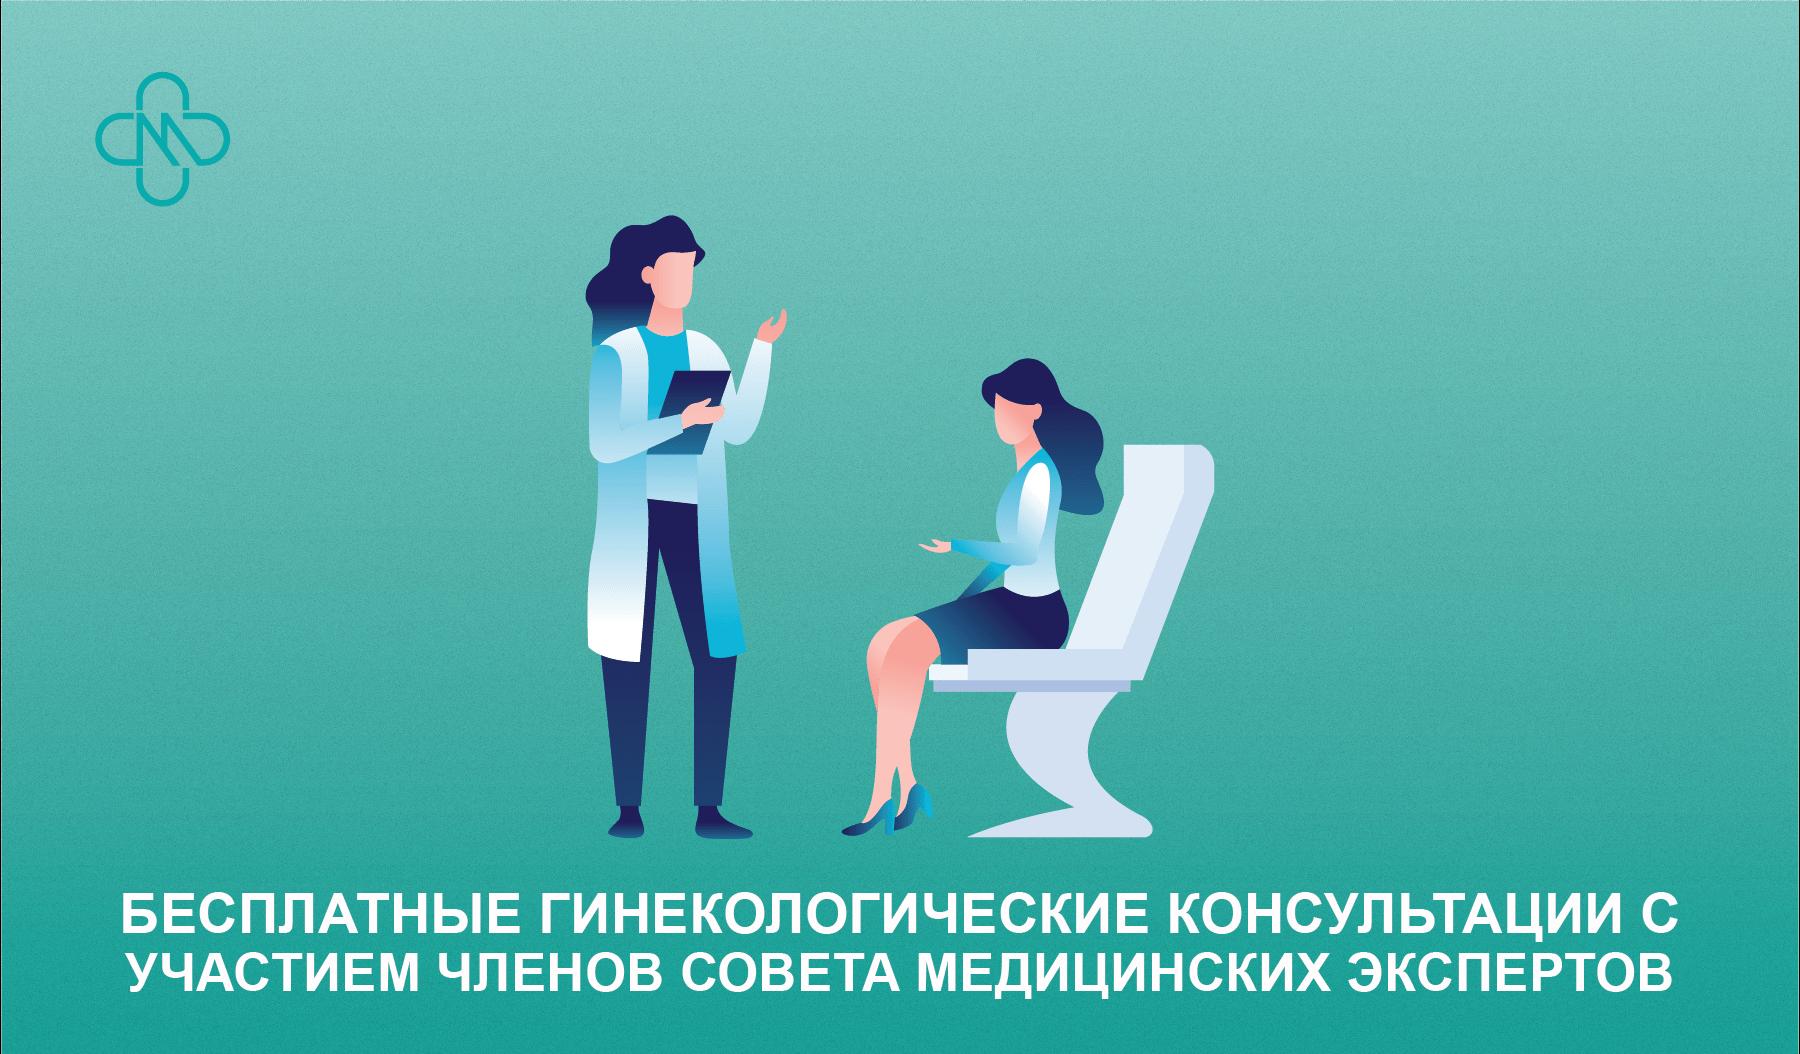 Бесплатные гинекологические консультации с участием членов совета медицинских экспертов